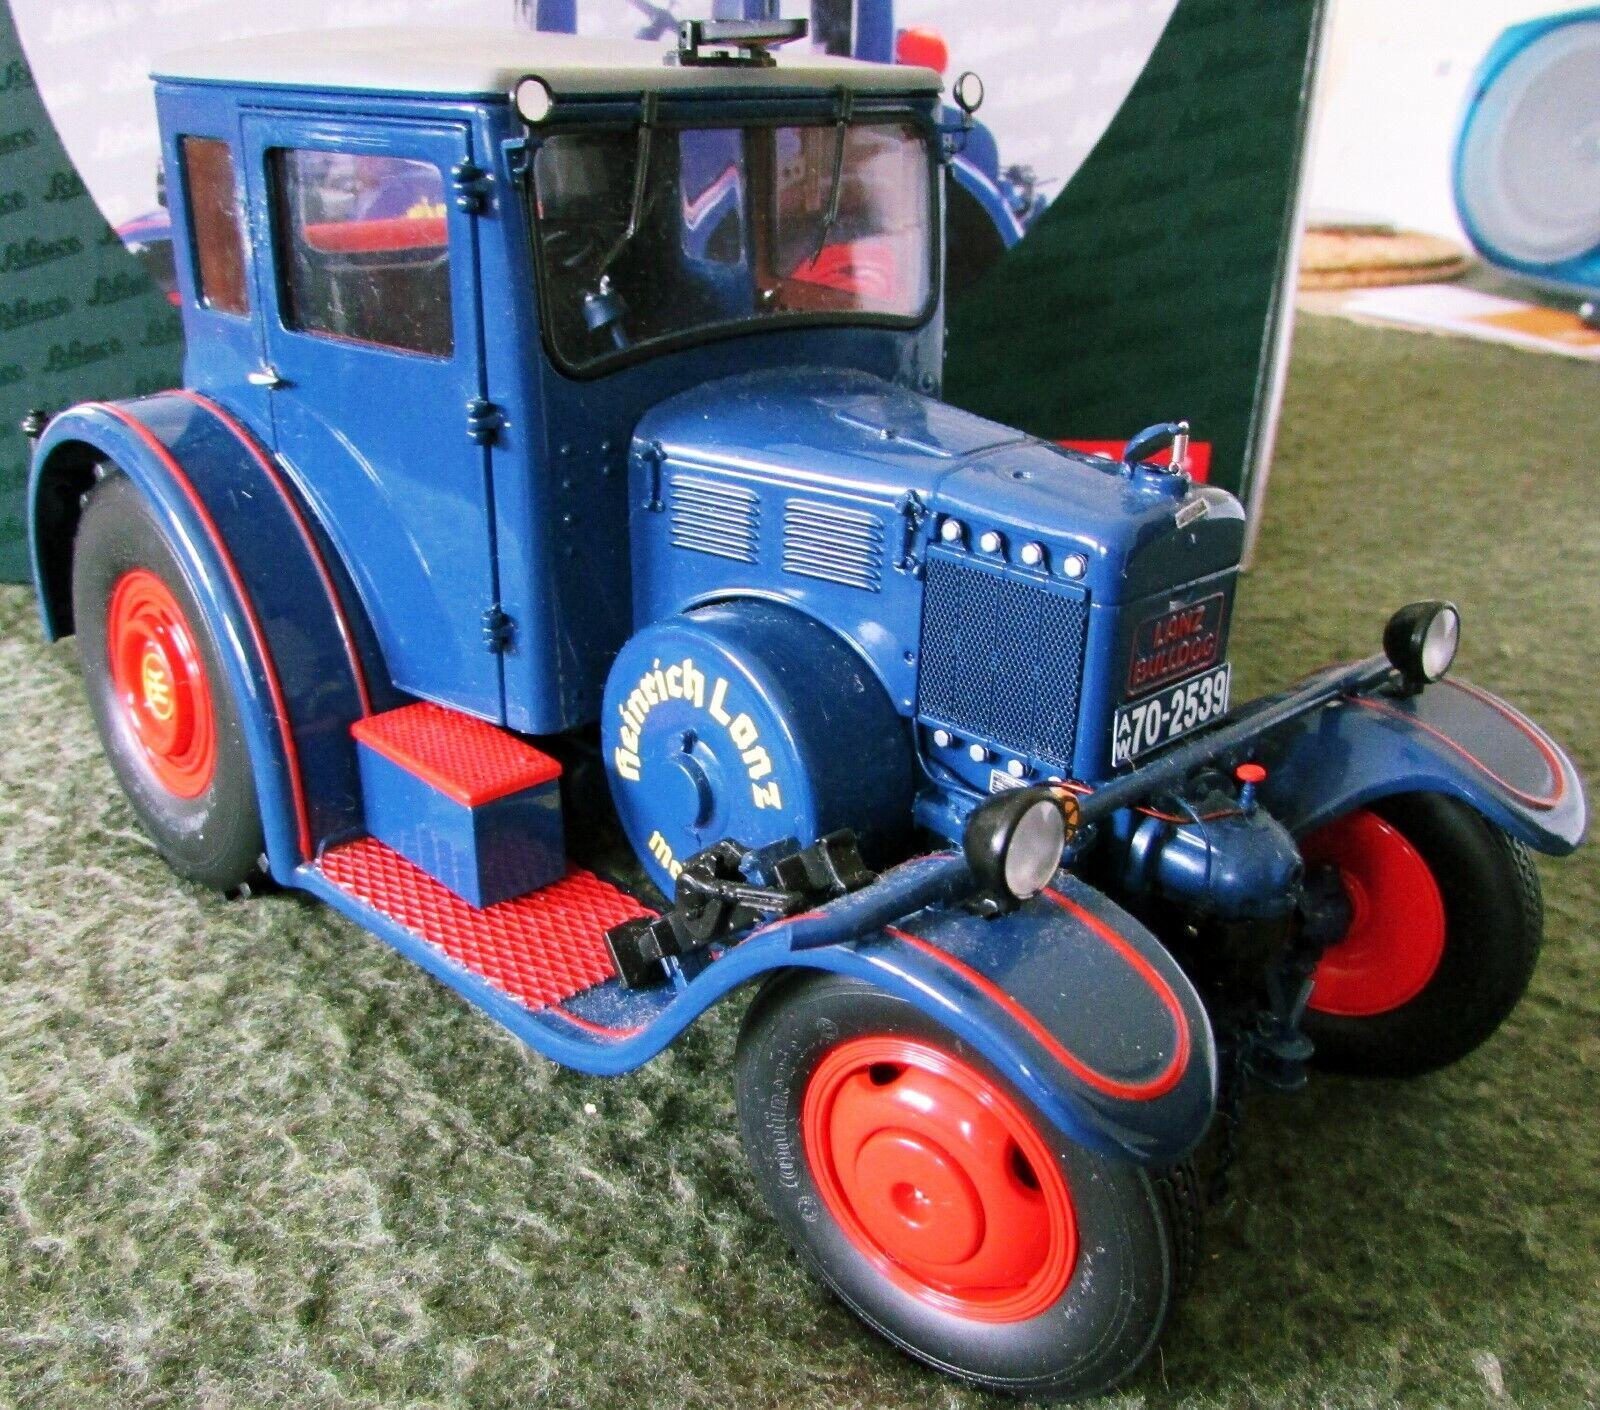 Schuco Lanz Eilbulldog Bulldog Scale 1 18 cabine fermée tracteur édition limitée